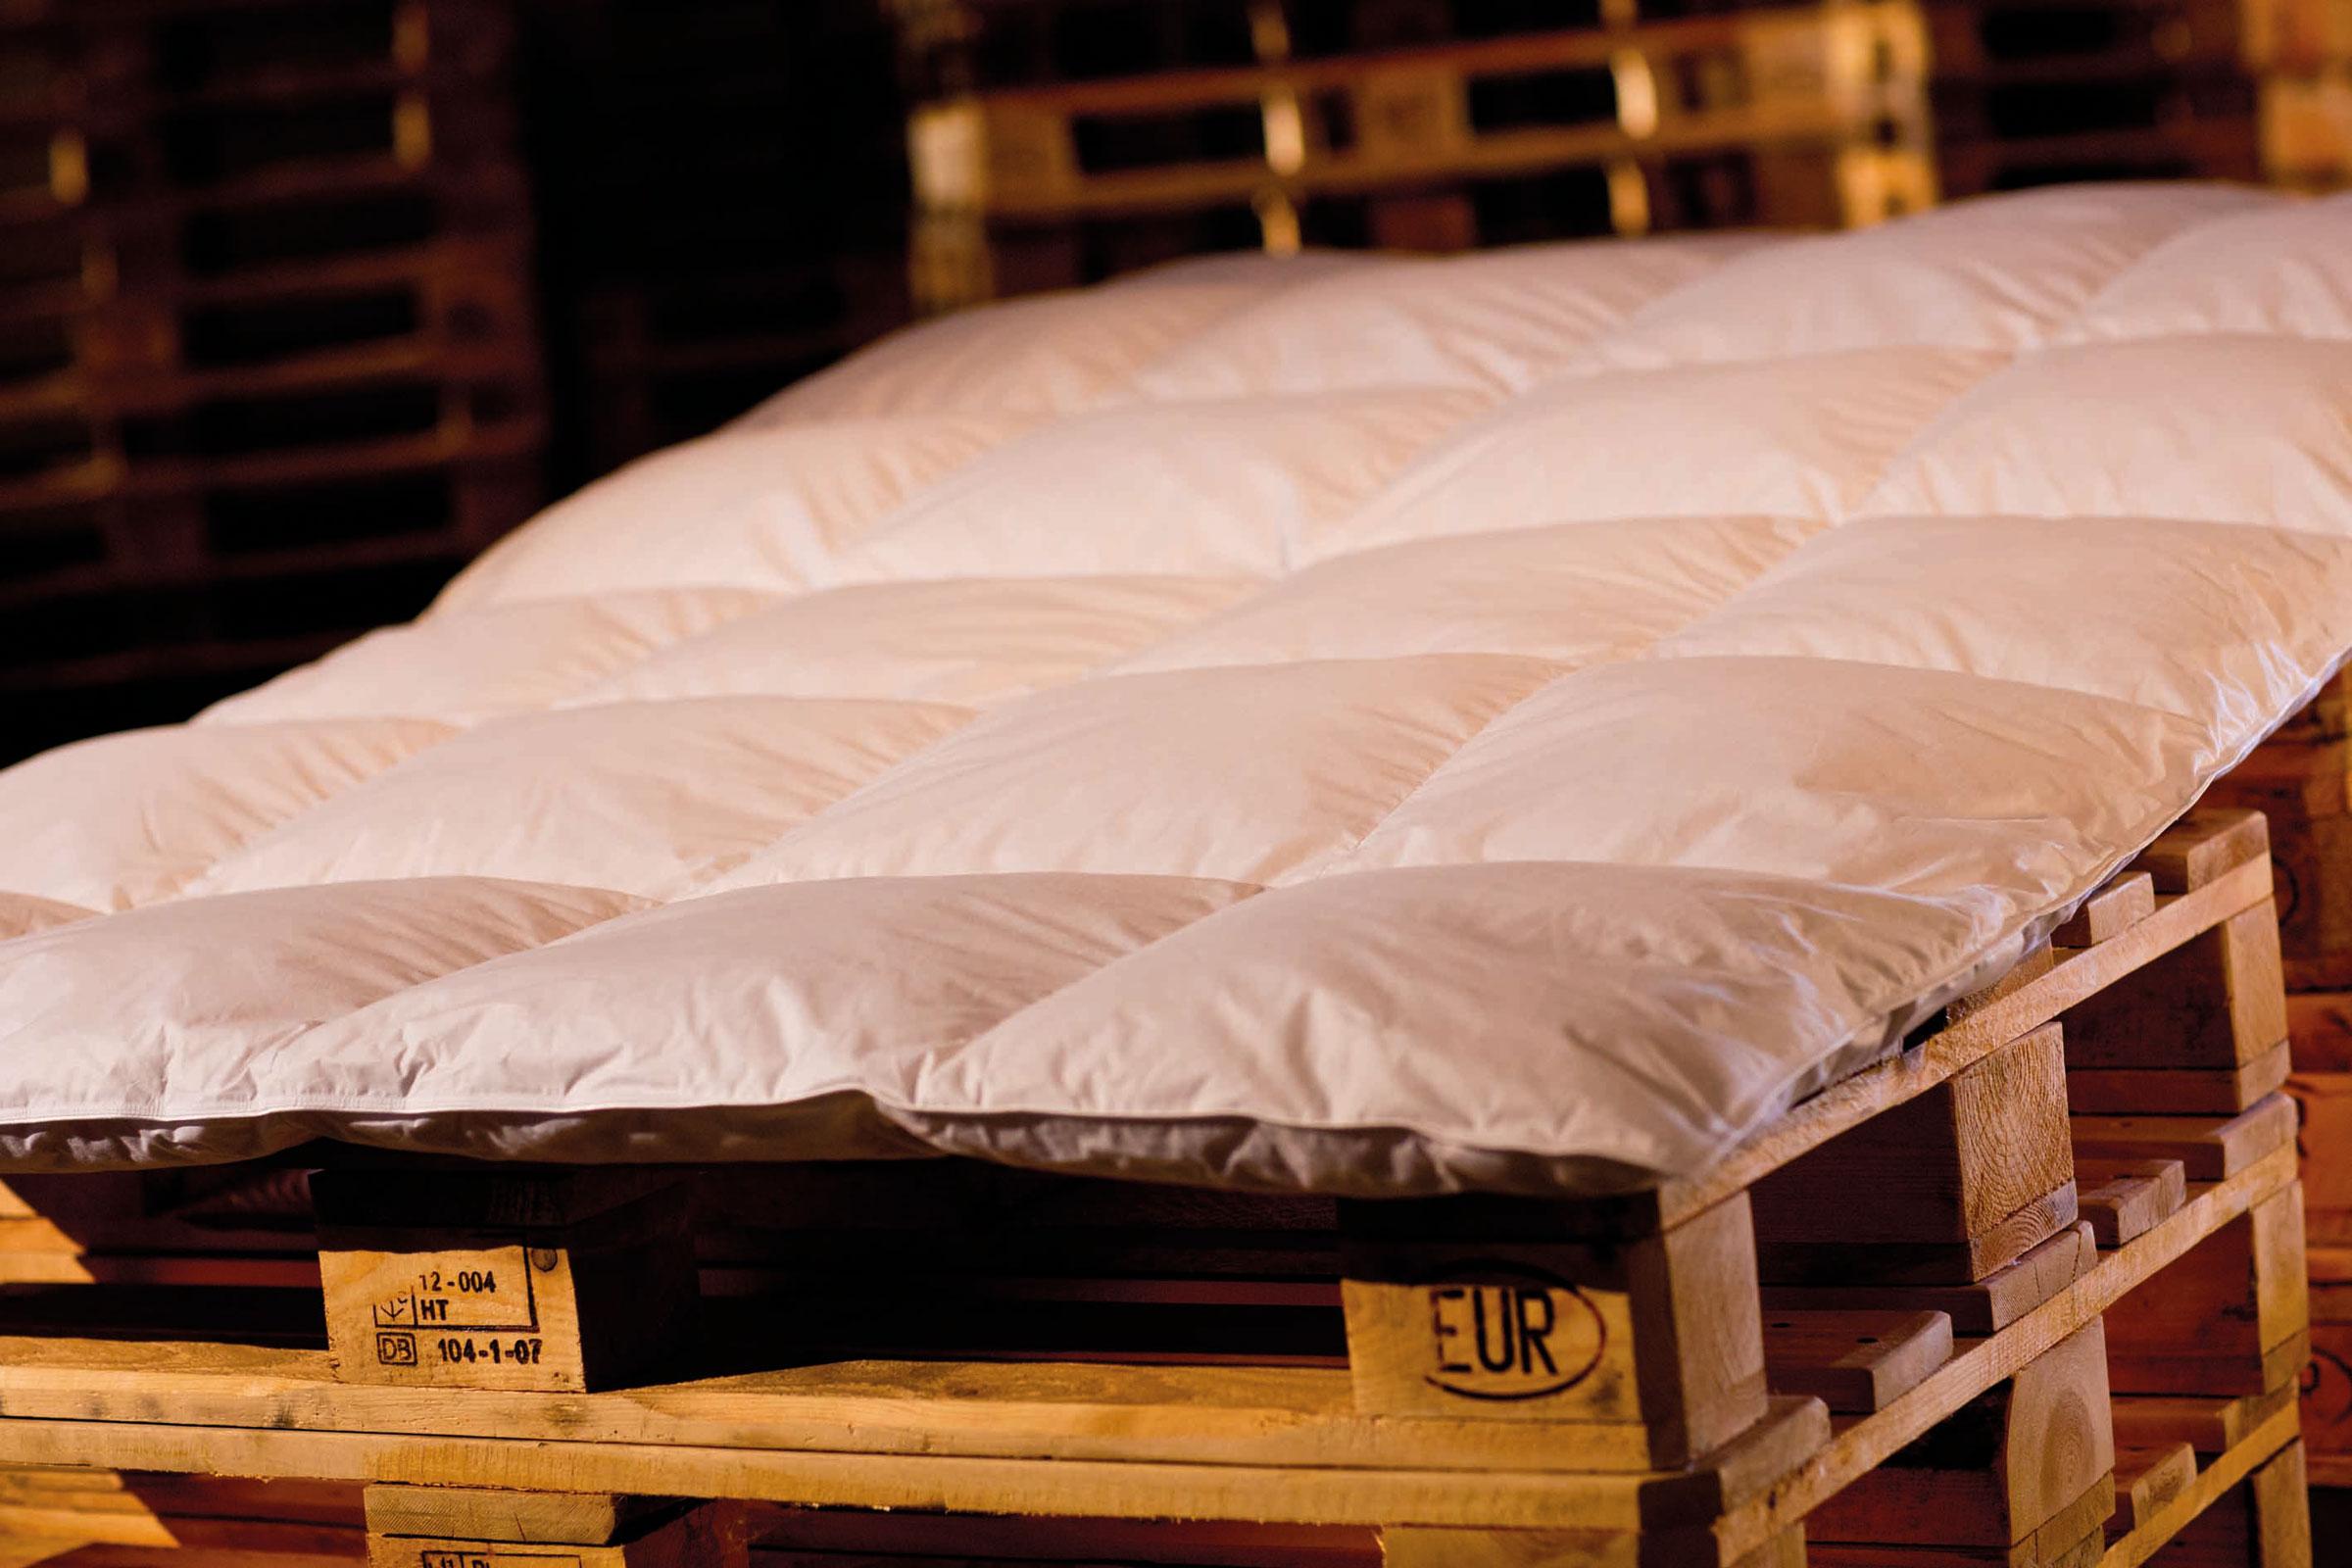 Bettdecken und Kopfkissen - Premium Sommerdecke Bettdecke 155x220 500 Gramm 50 Daunen 50 Federn Serie Moon  - Onlineshop PremiumShop321